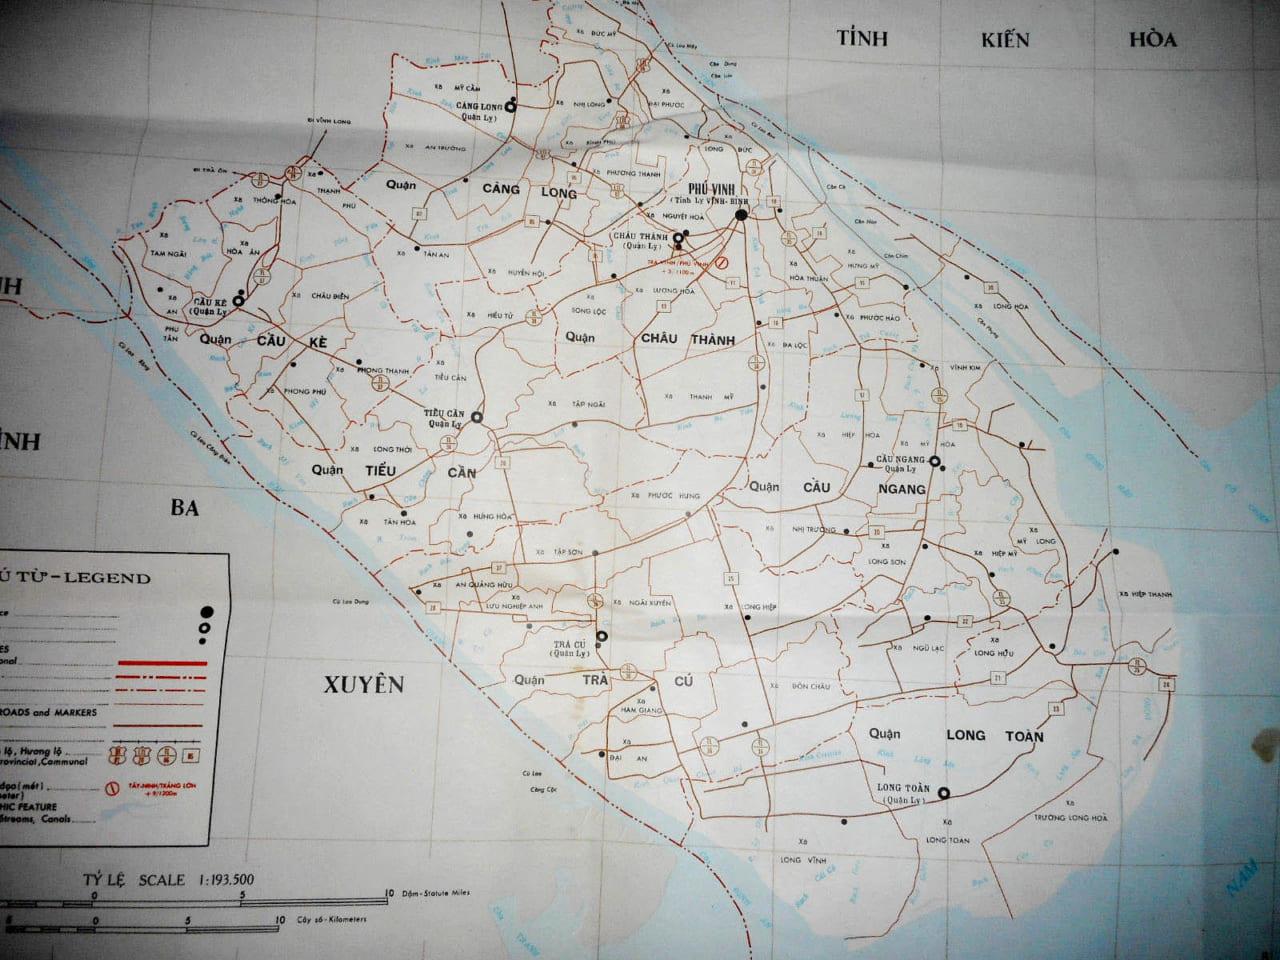 Bản đồ tỉnh Trà Vinh năm 1970